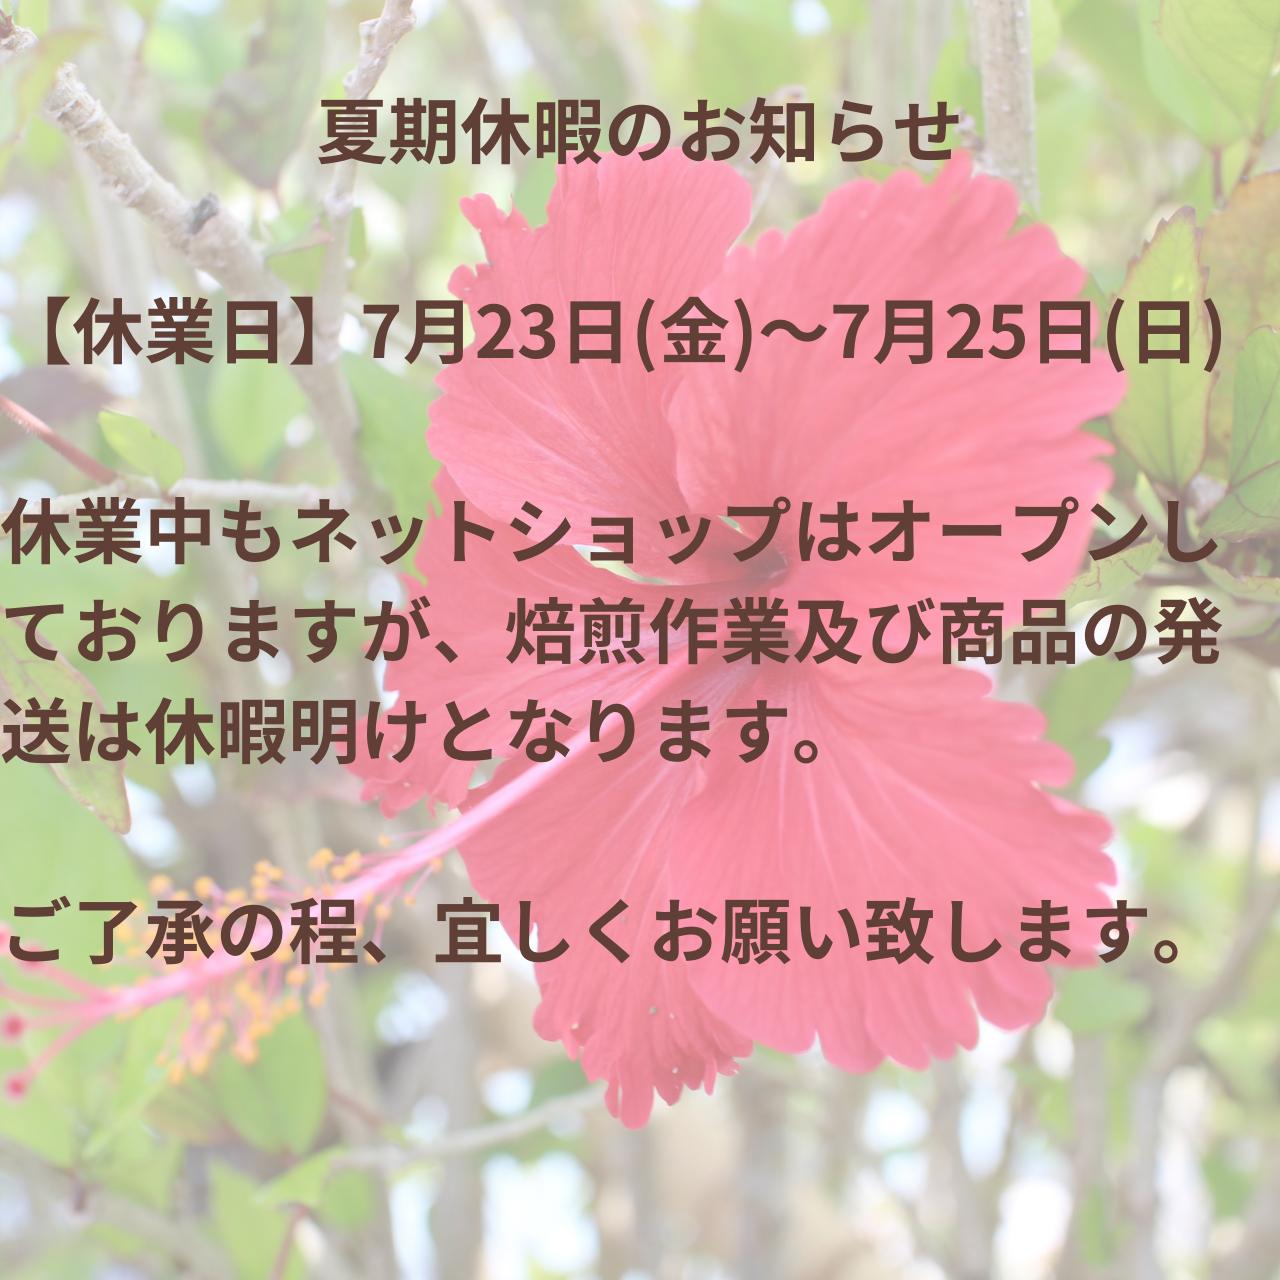 【ご案内】夏期休暇のお知らせ 7月23日(金) ~ 7月25日(日)